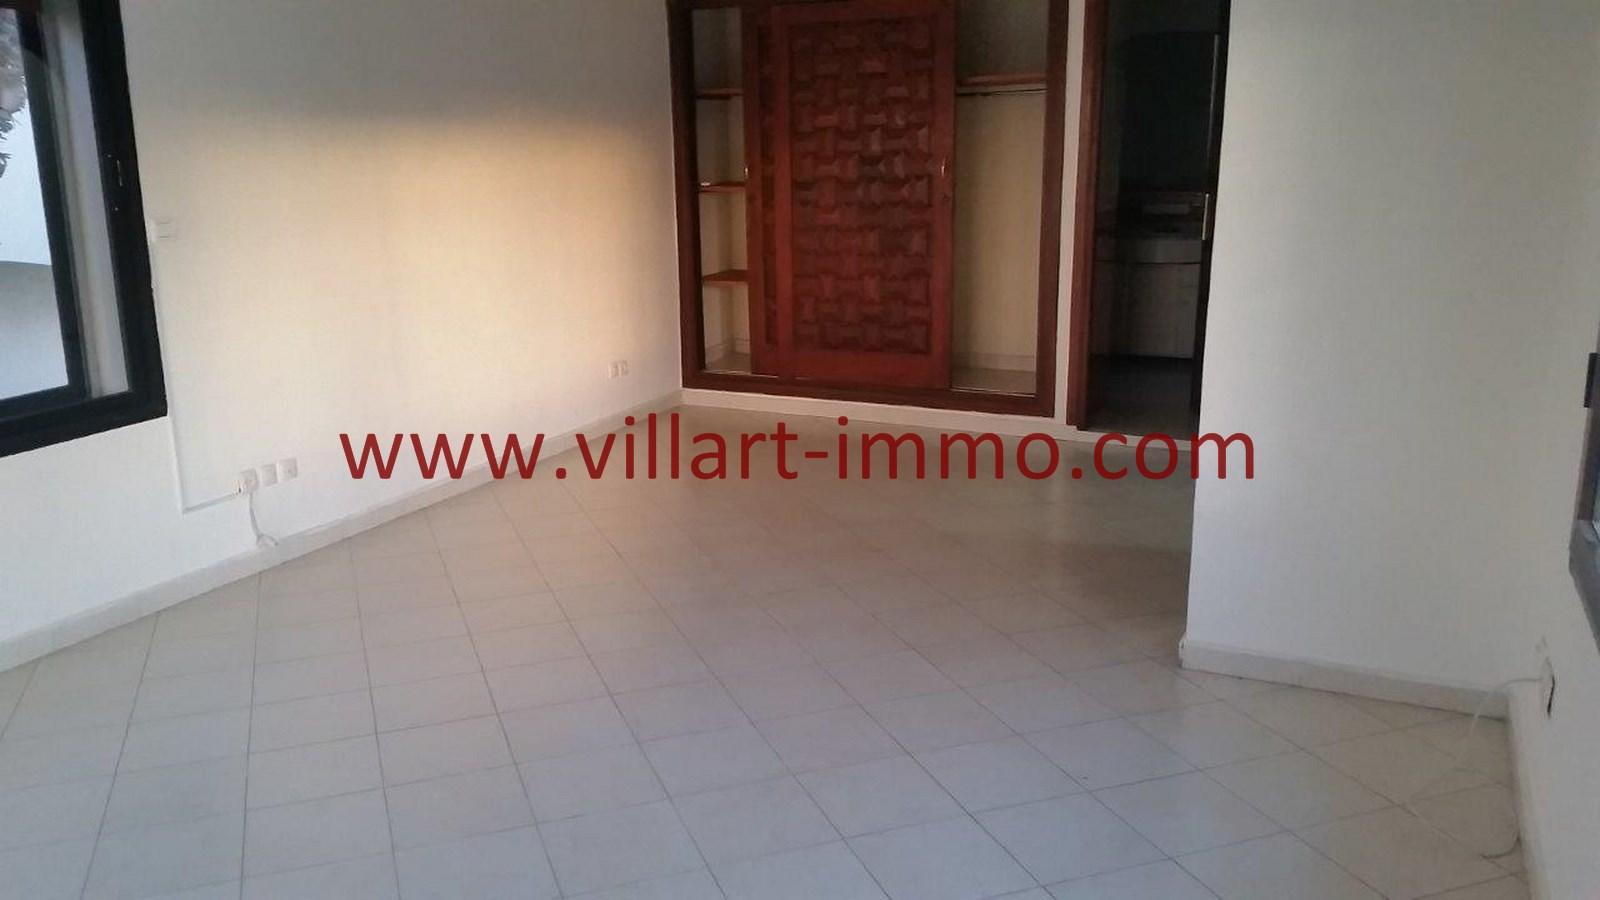 11-a-louer-villa-non-meublee-tanger-chambre-2-lv901-villart-immo